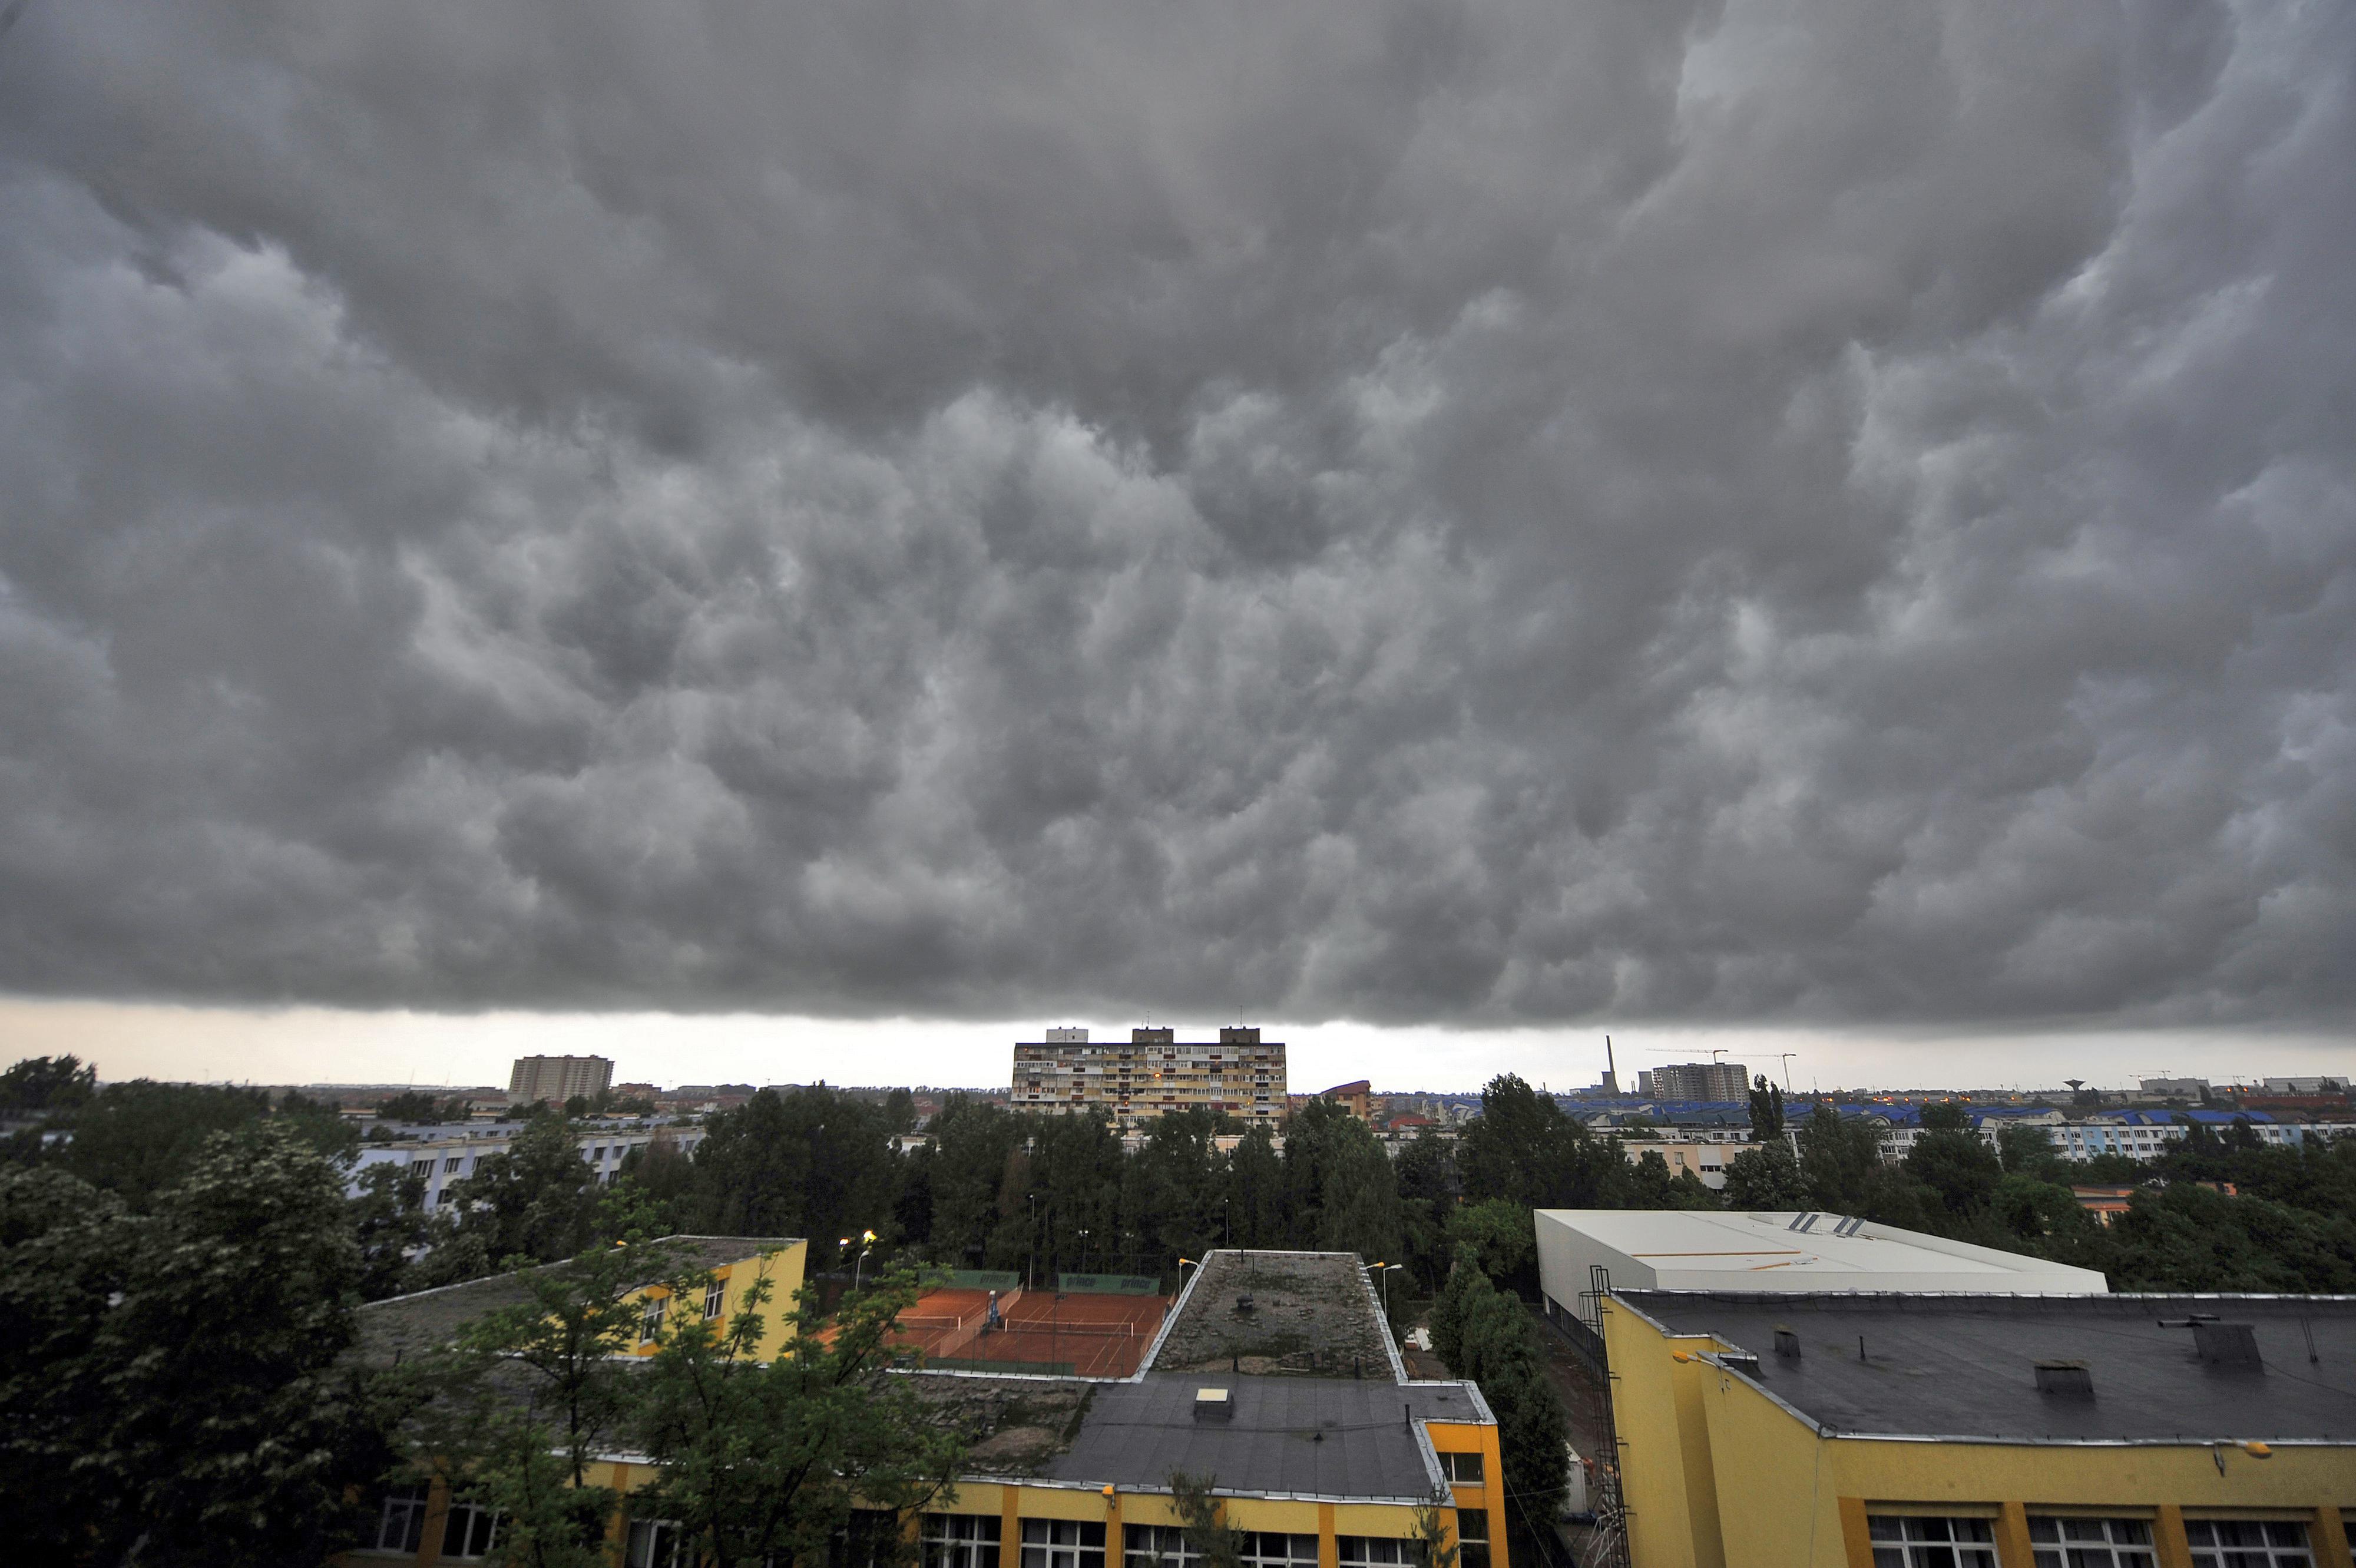 Vremea răcoroasă se menţine şi în weekend. Ploi moderate şi intensificări temporare ale vântului, în majoritatea zonelor ţării